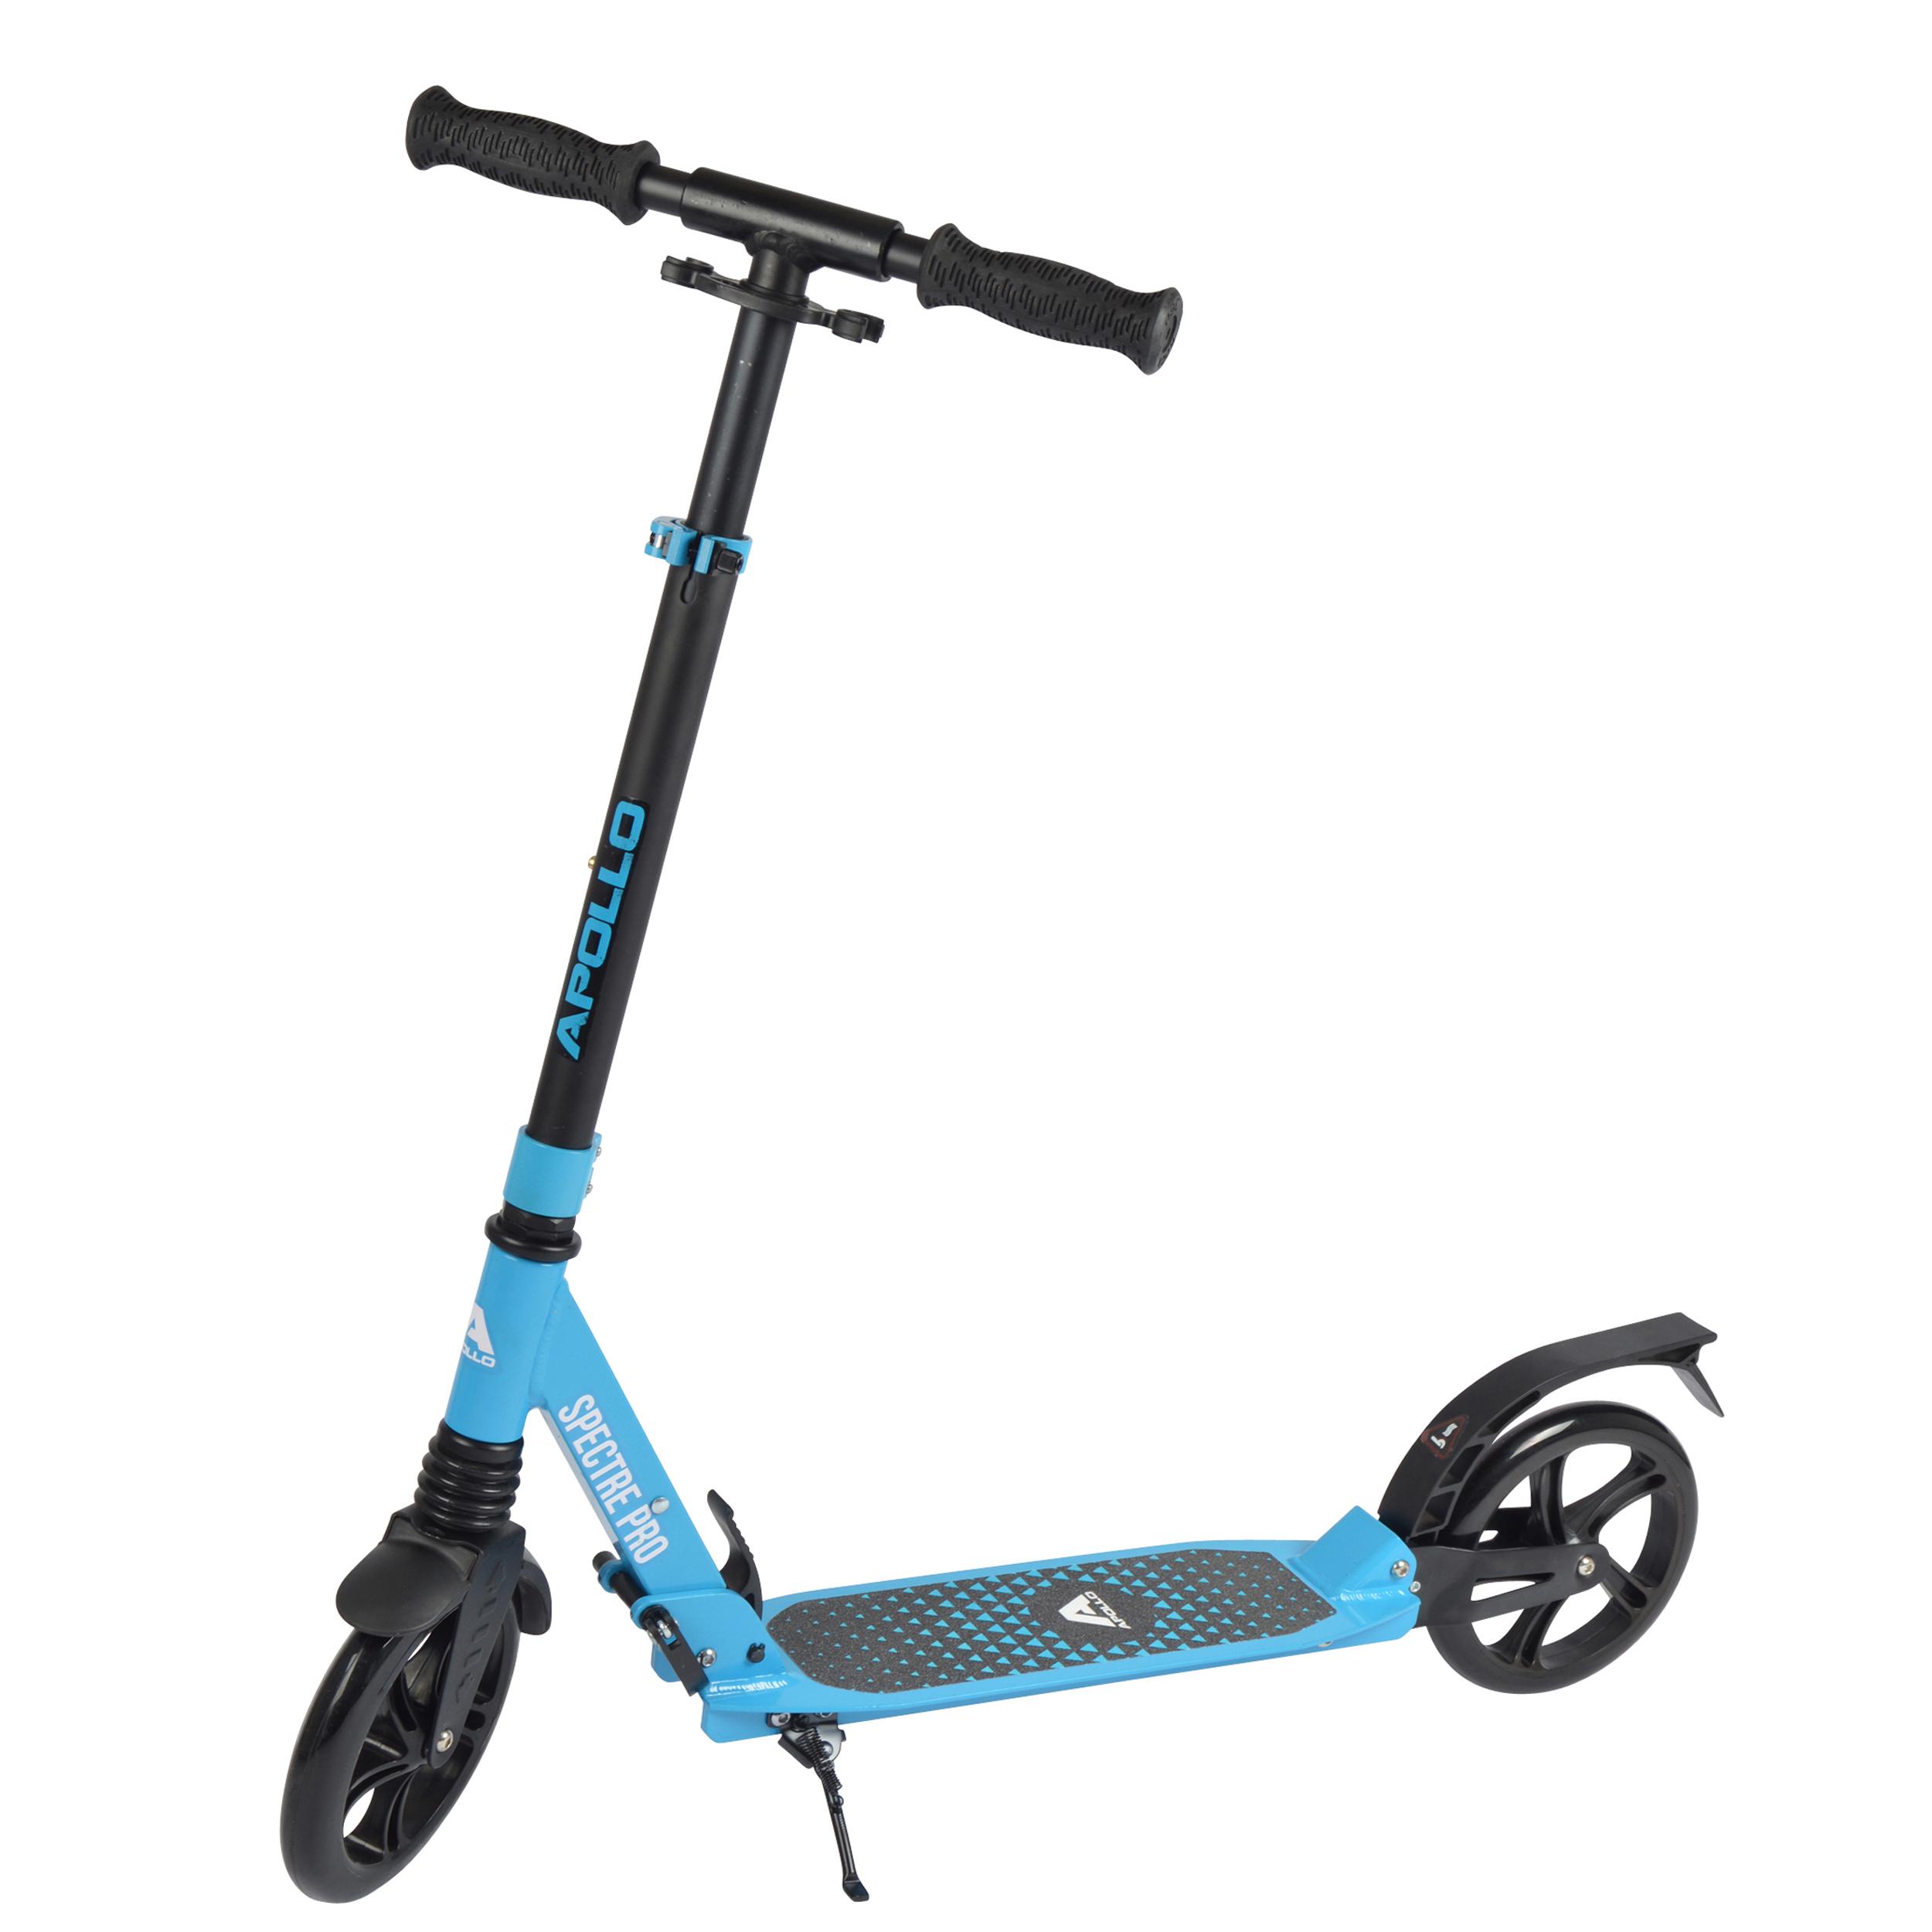 City Scooter - Spectre Pro - Blue